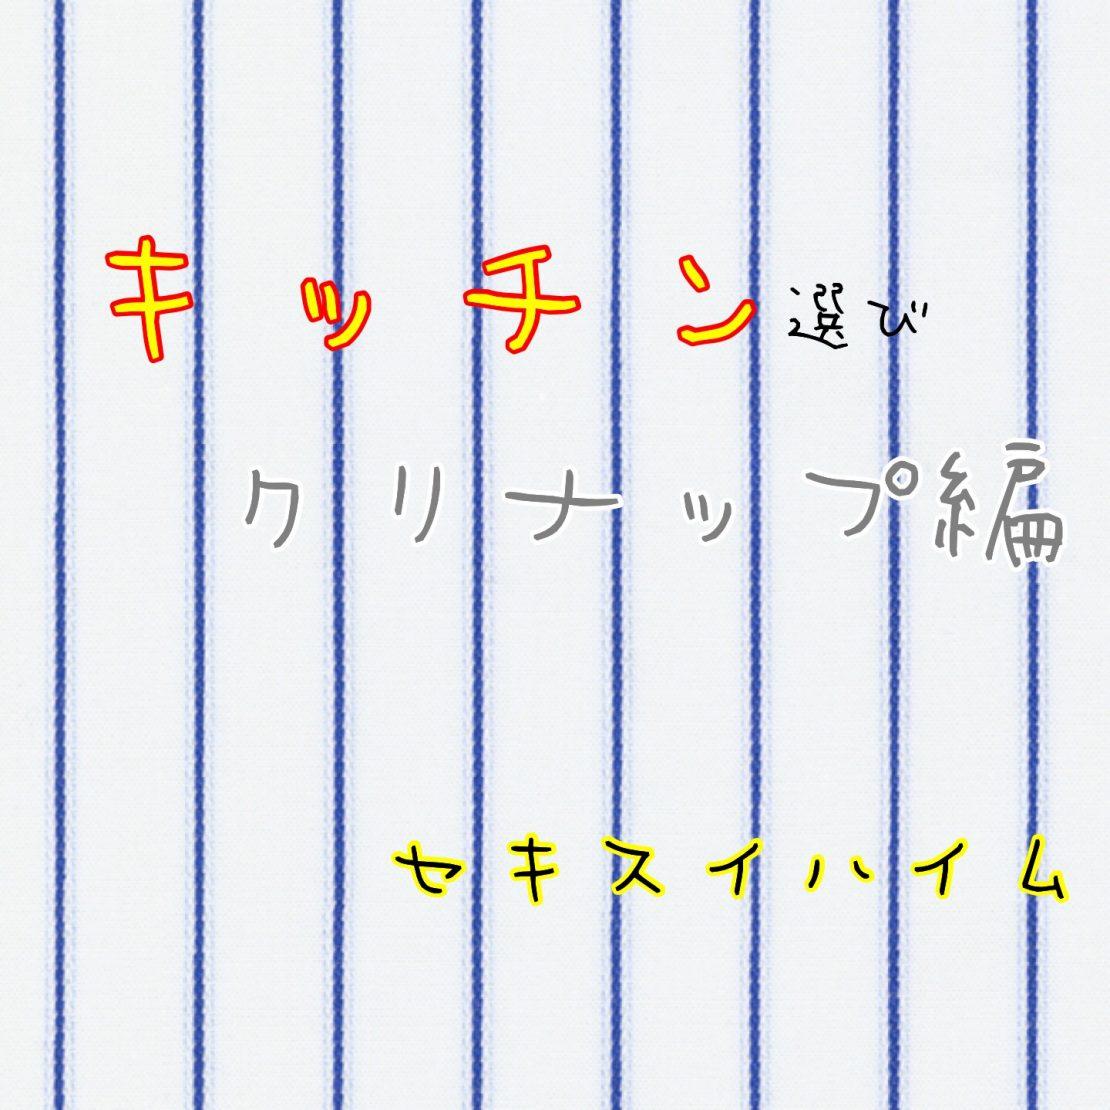 キッチン仕様〜クリナップ編〜